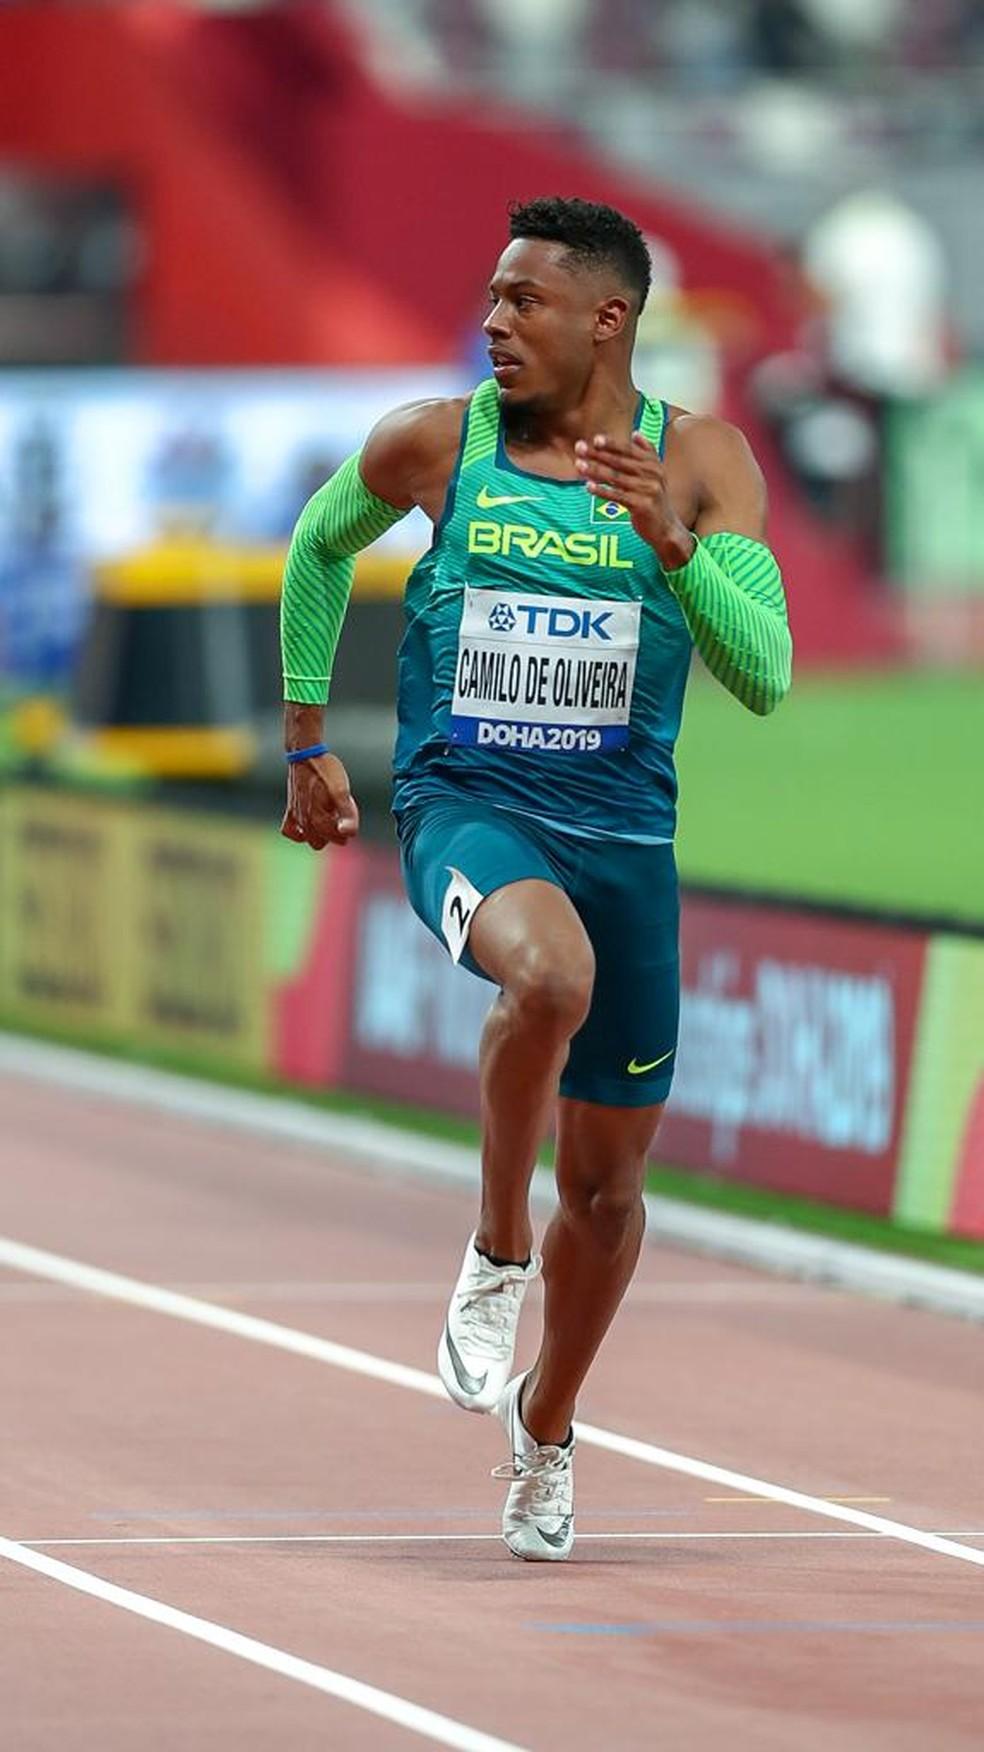 Paulo André vence bateria dos 100m e se classifica para semifinal do Mundial de Doha — Foto: Wagner do Carmo/Cbat